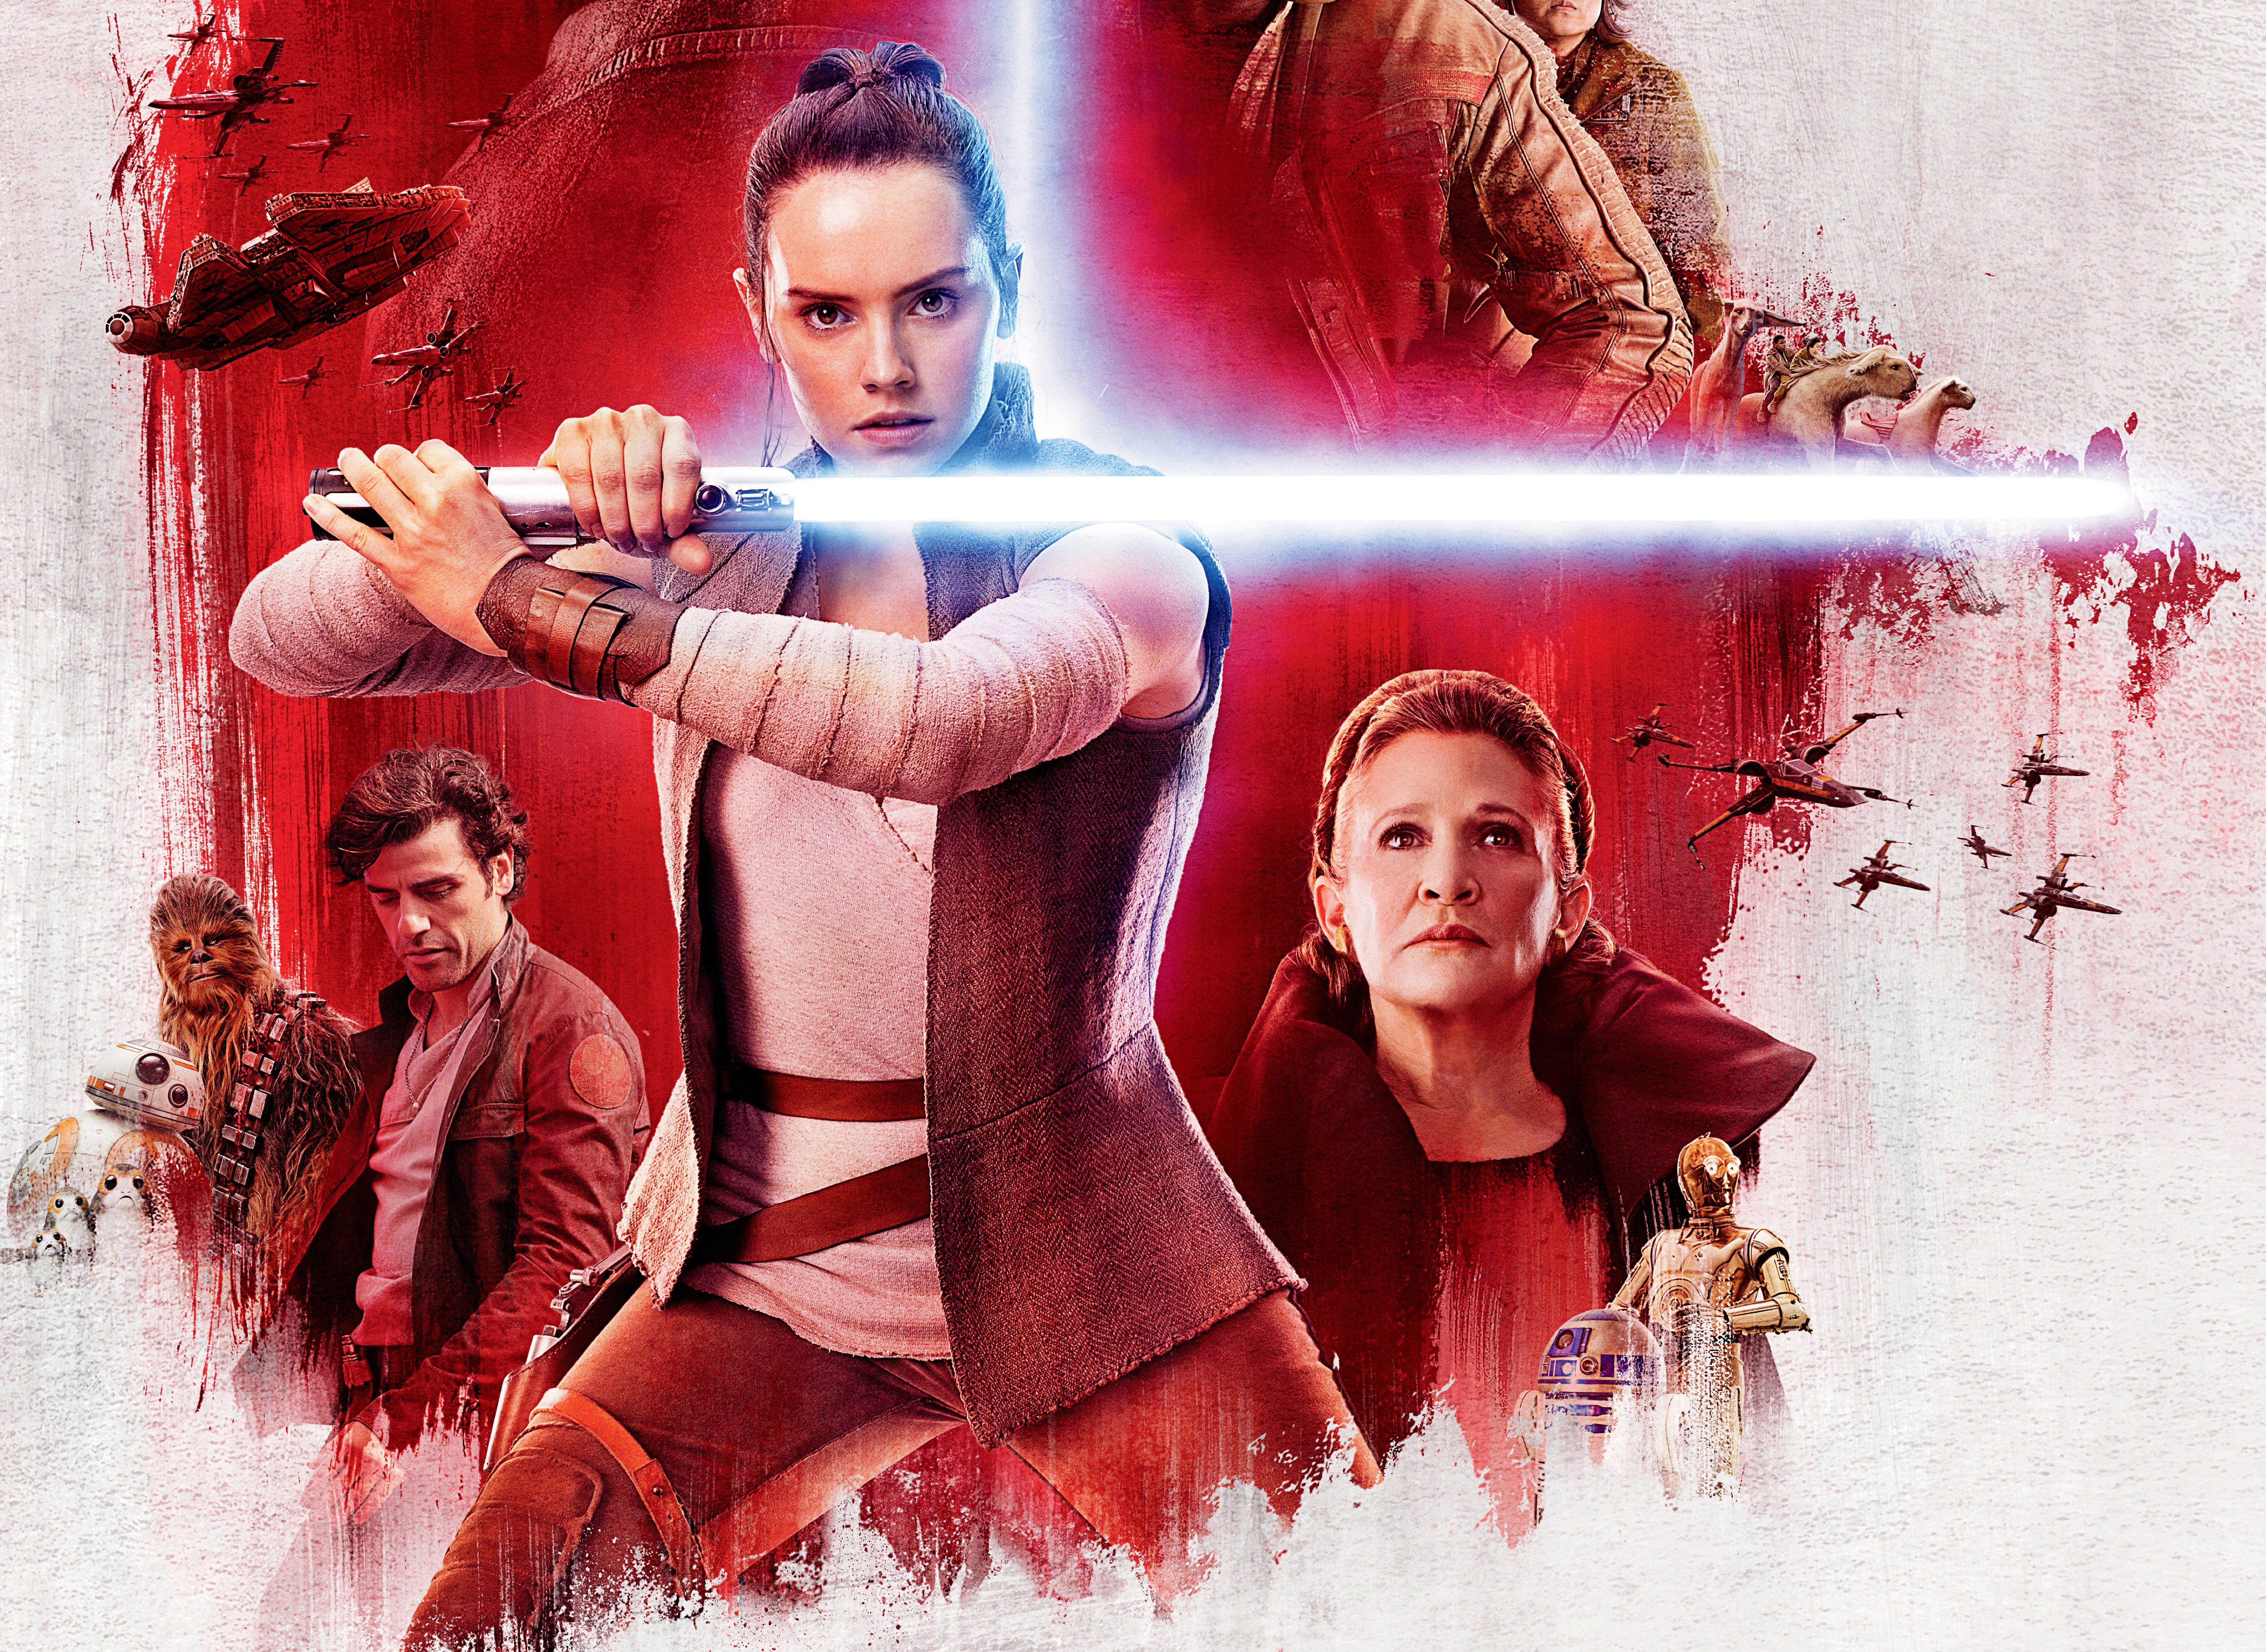 Star Wars The Last Jedi Desktop Wallpaper: Star Wars The Last Jedi 5k, HD Movies, 4k Wallpapers